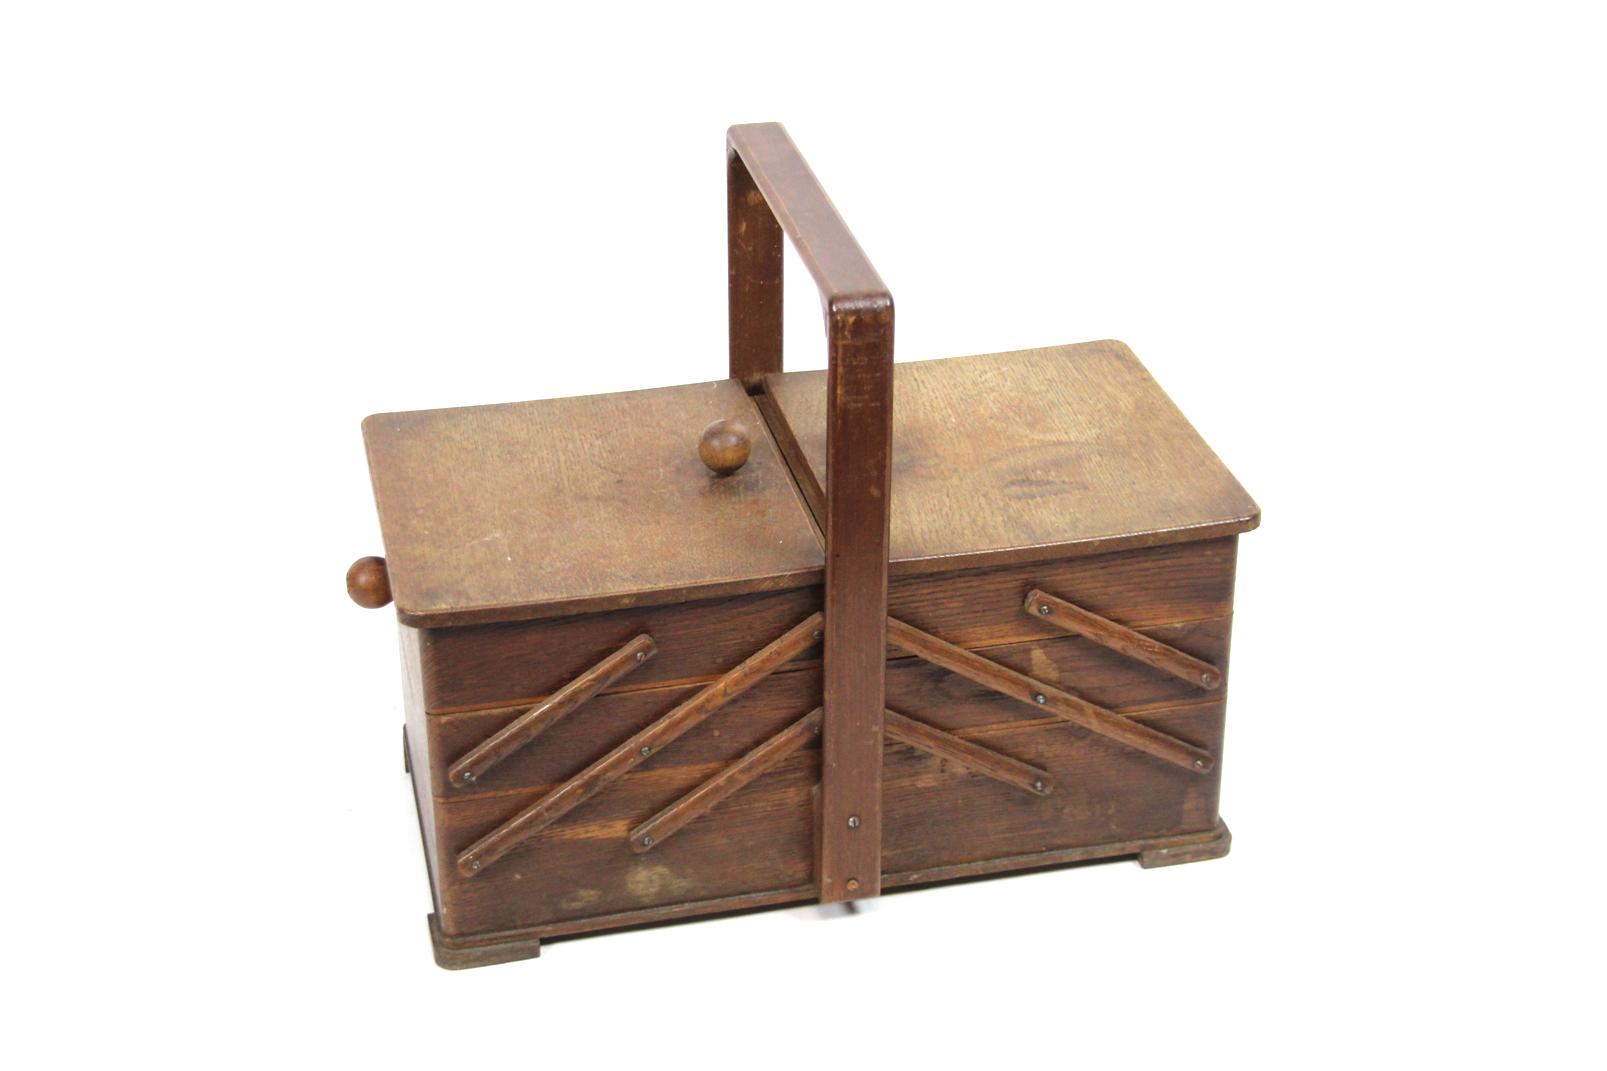 gro es holz n hk stchen dunkelbraun 30x41cm n h kasten box klappbar aufbewahrung ebay. Black Bedroom Furniture Sets. Home Design Ideas